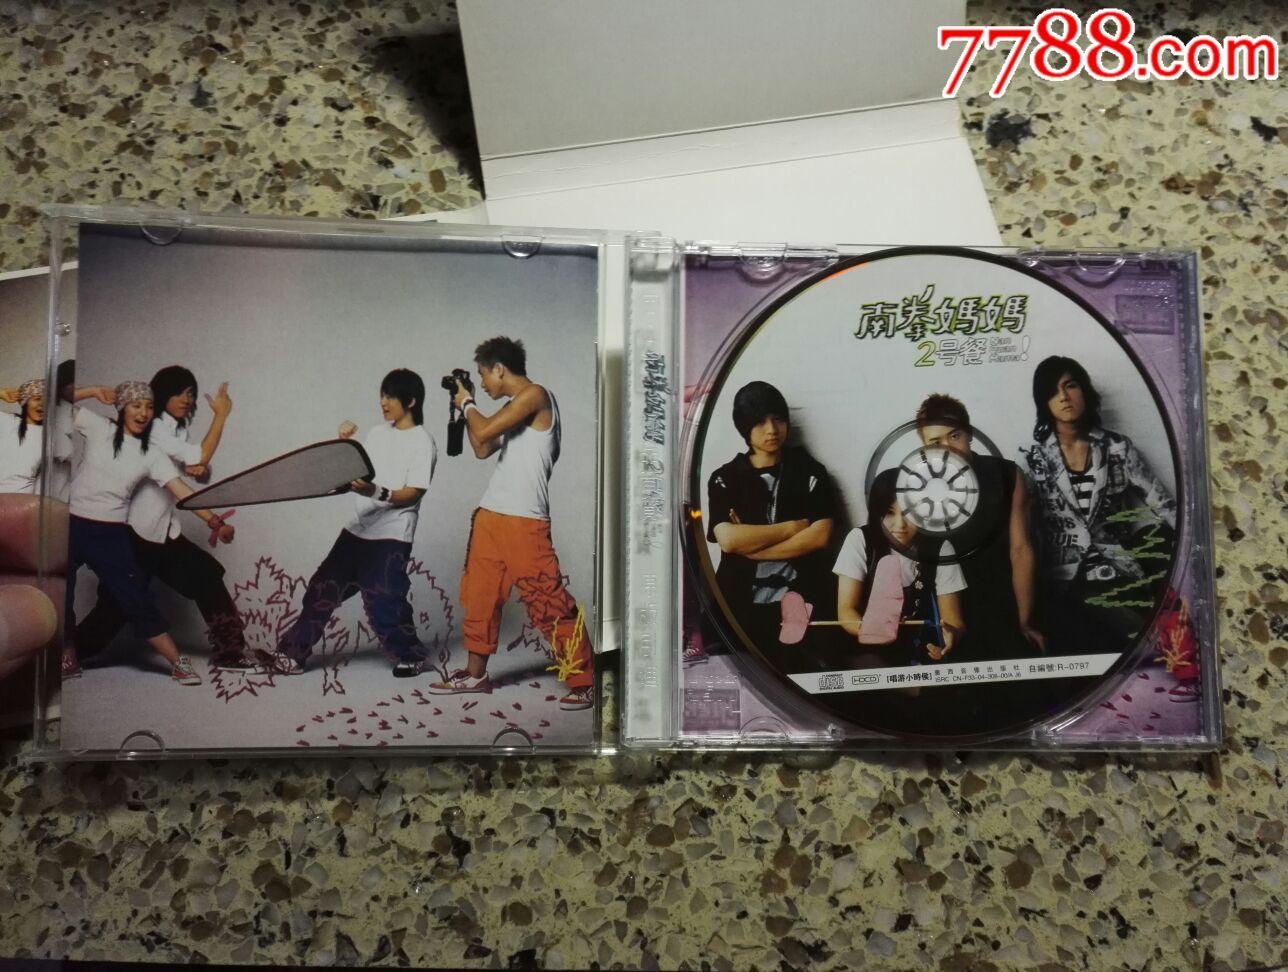 南拳媽媽《2號餐》24BIT音樂CD,碟片品好輕微使用痕。_價格10元_第9張_